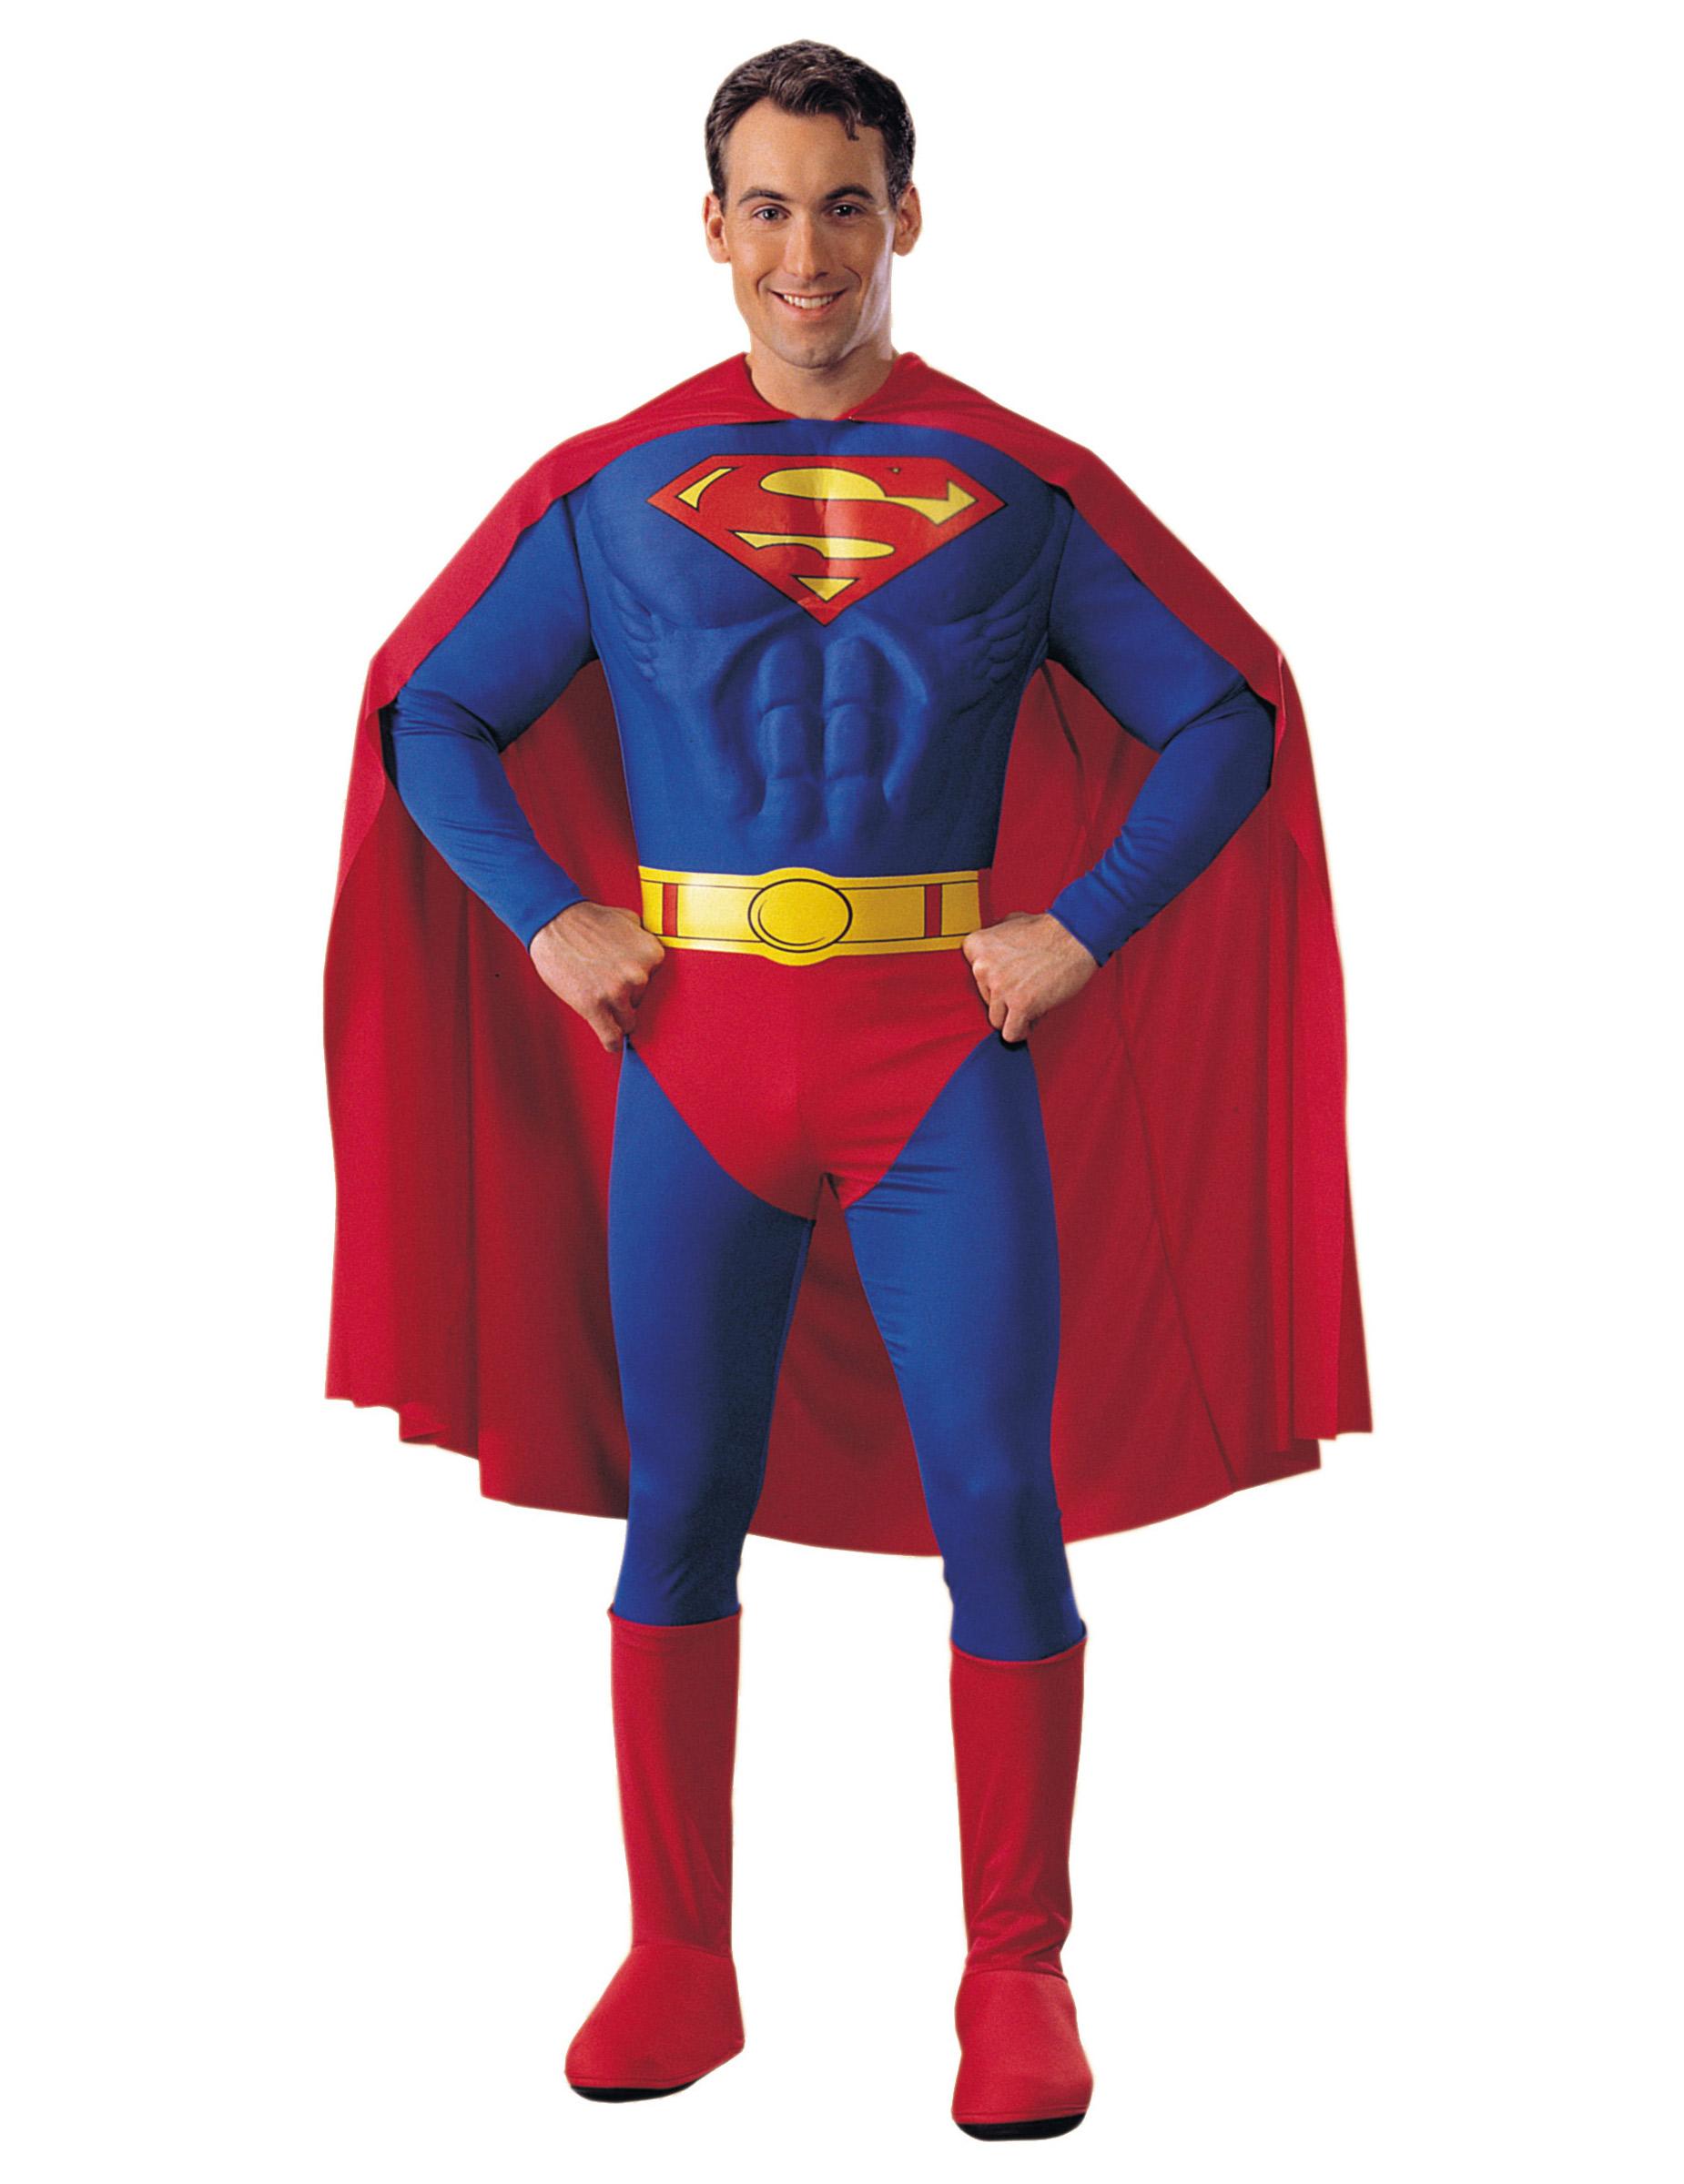 Costume superman™ uomo costumi adulti e vestiti di carnevale